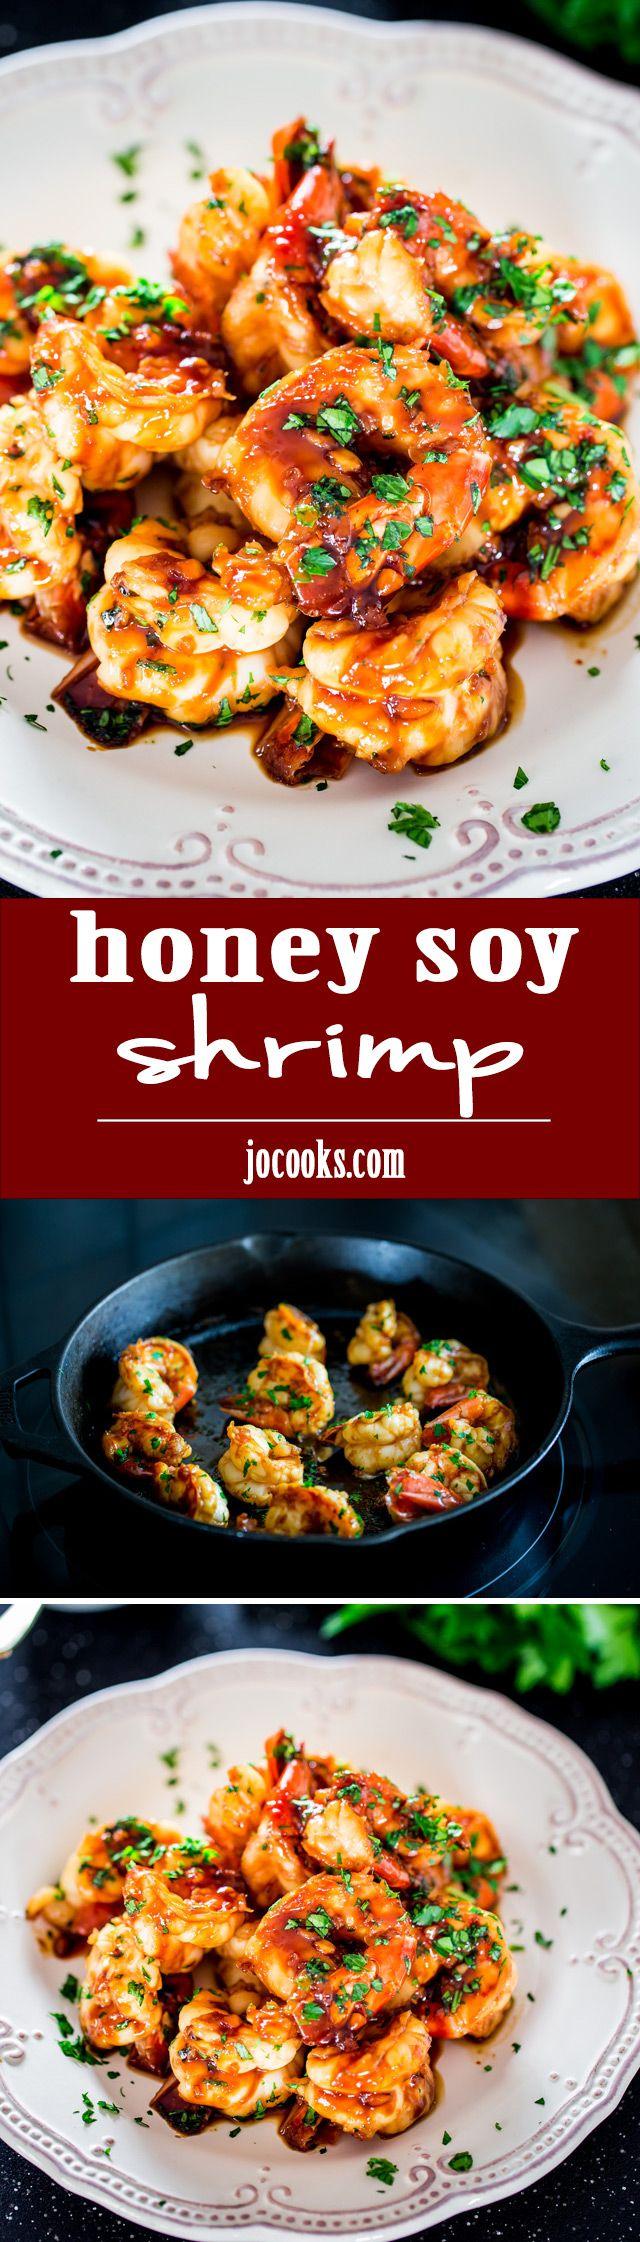 Honey Soy Shrimp FoodBlogs.com